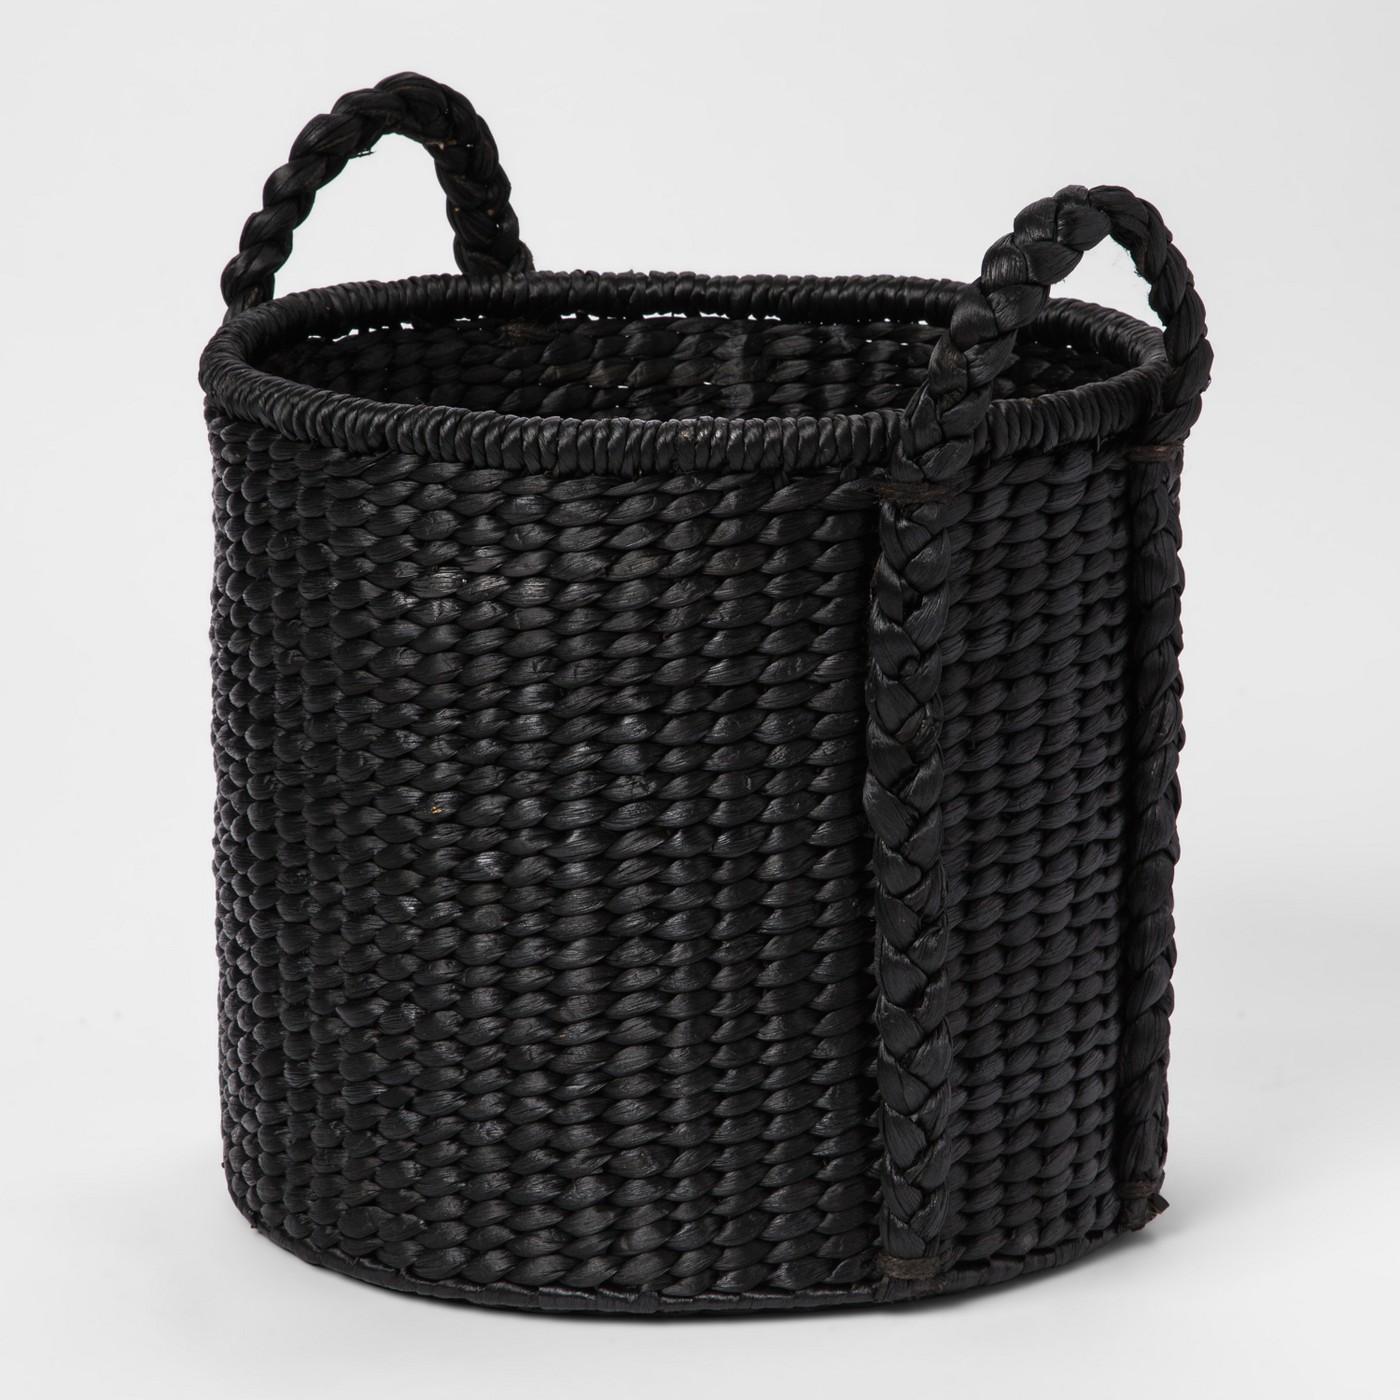 Round Woven Basket - Black